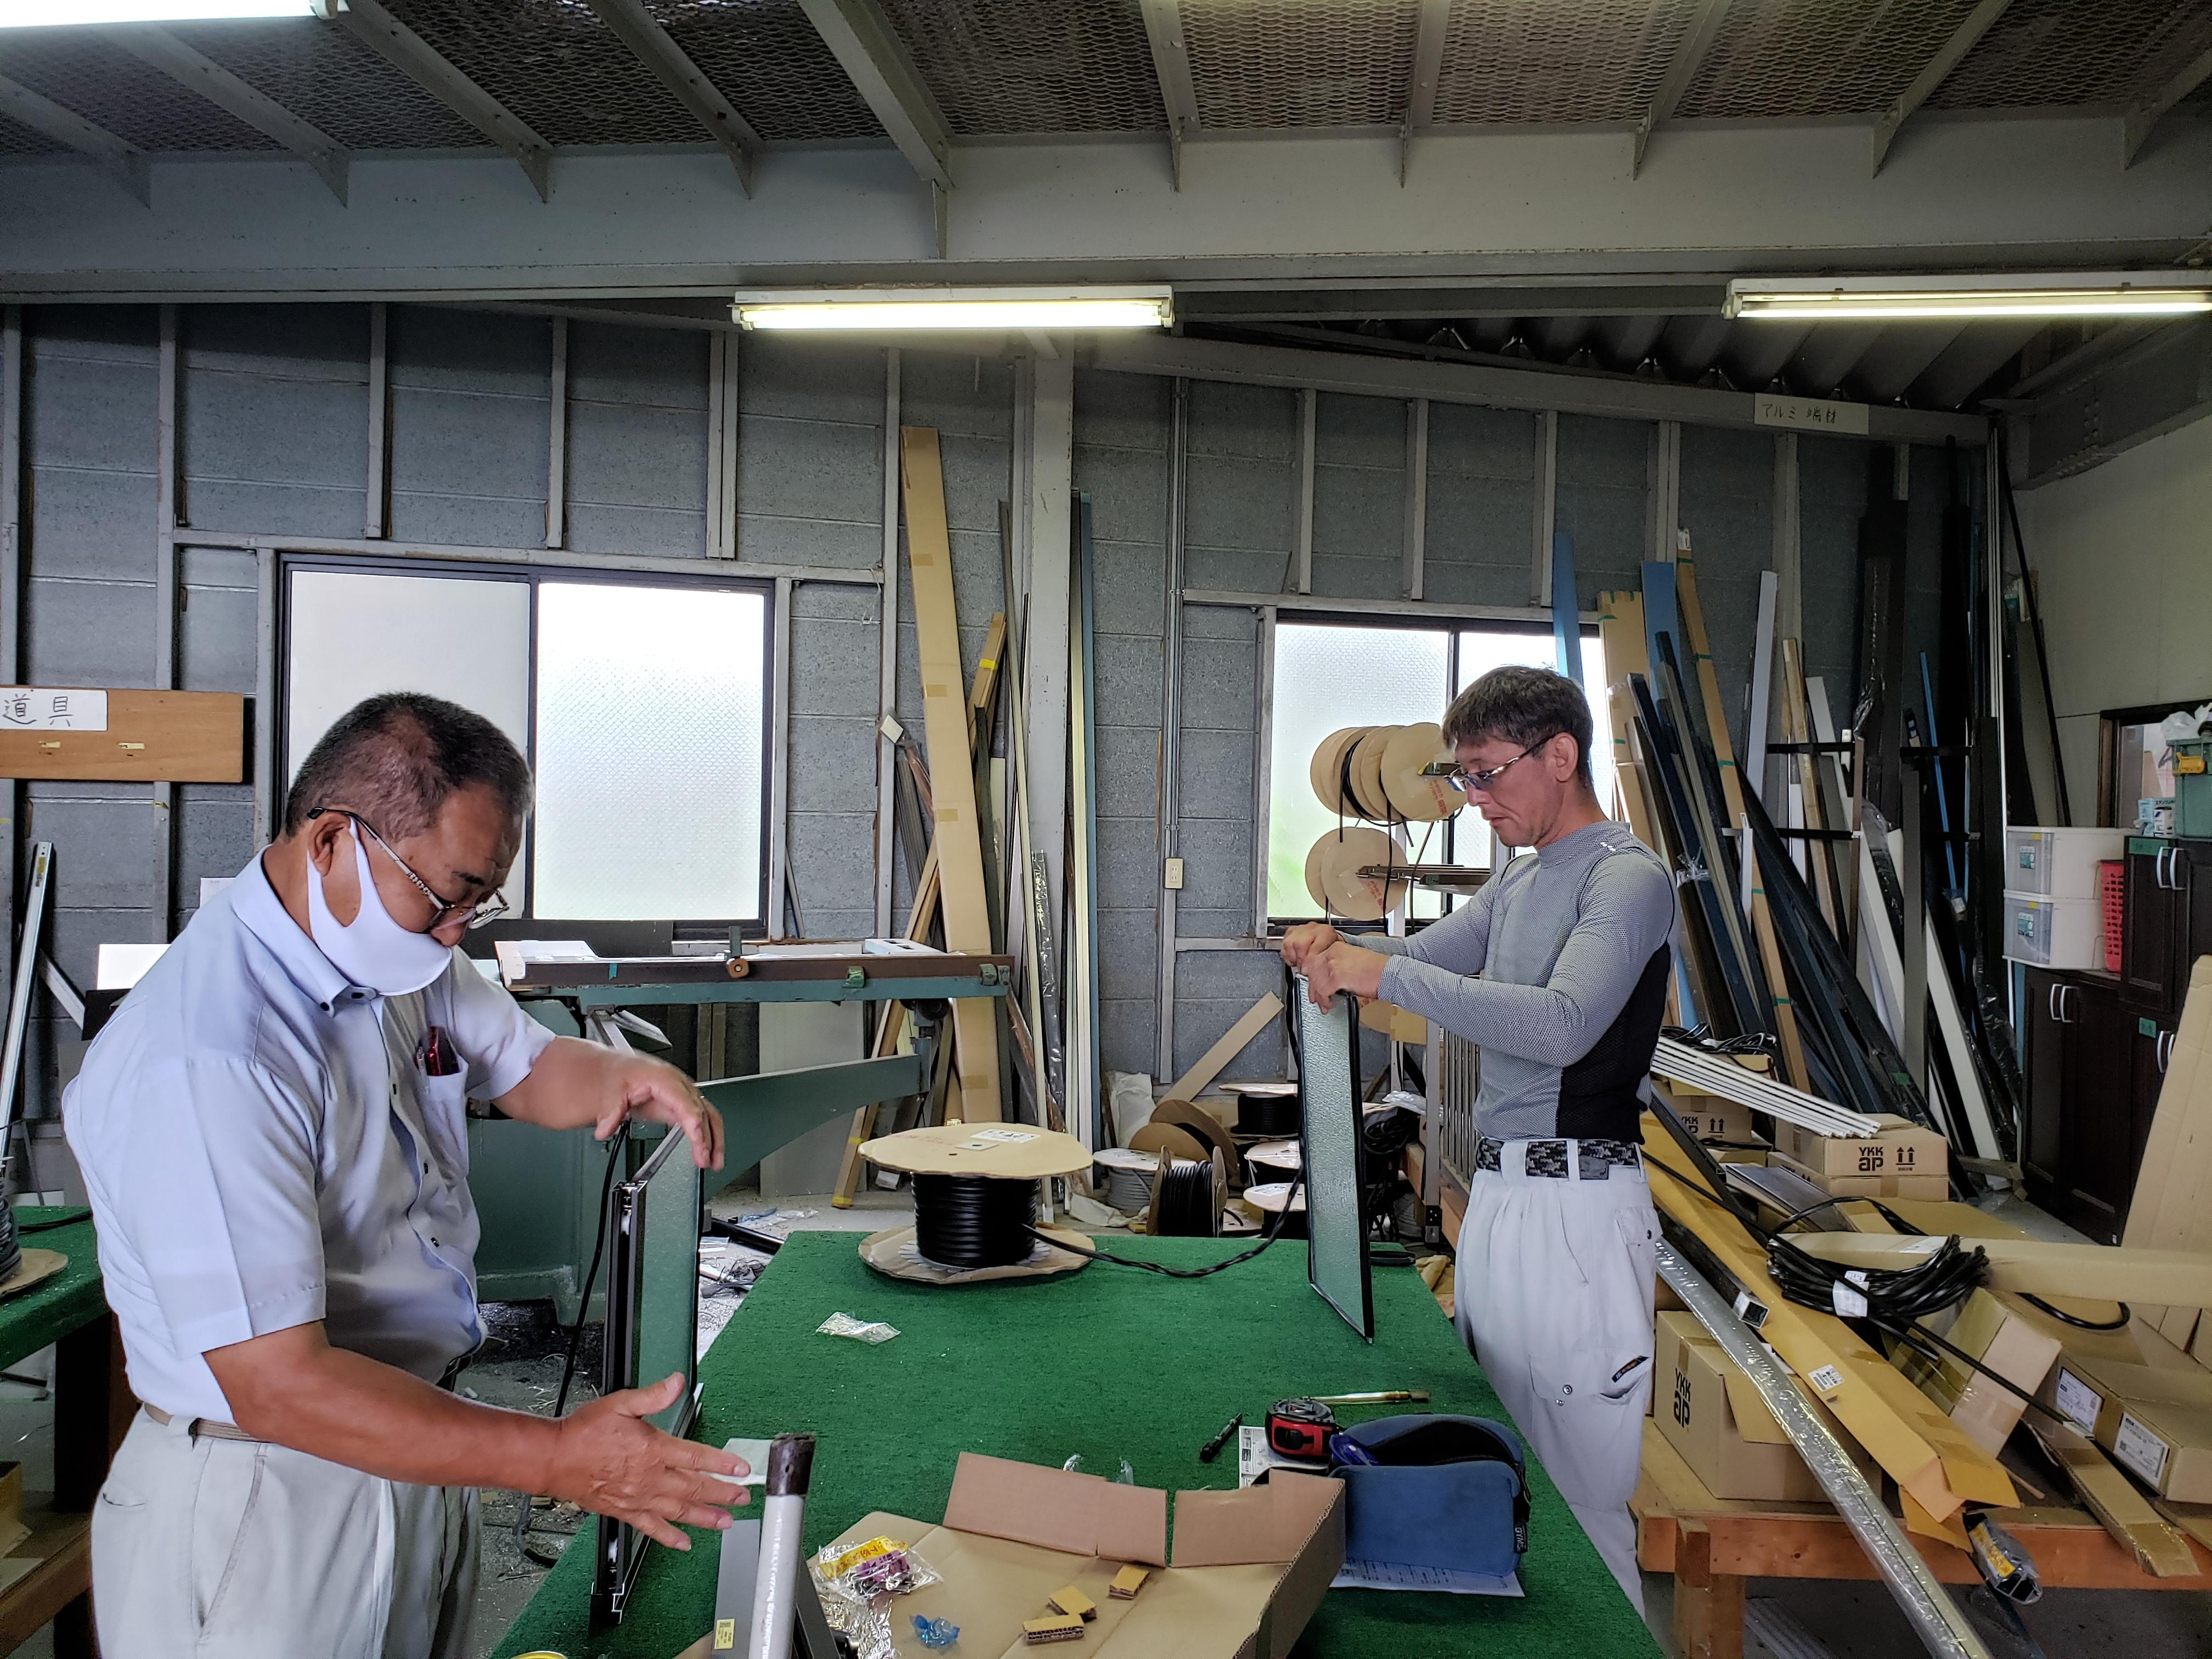 朝の作業場 ギャラリーパティオの現場ブログ メイン写真